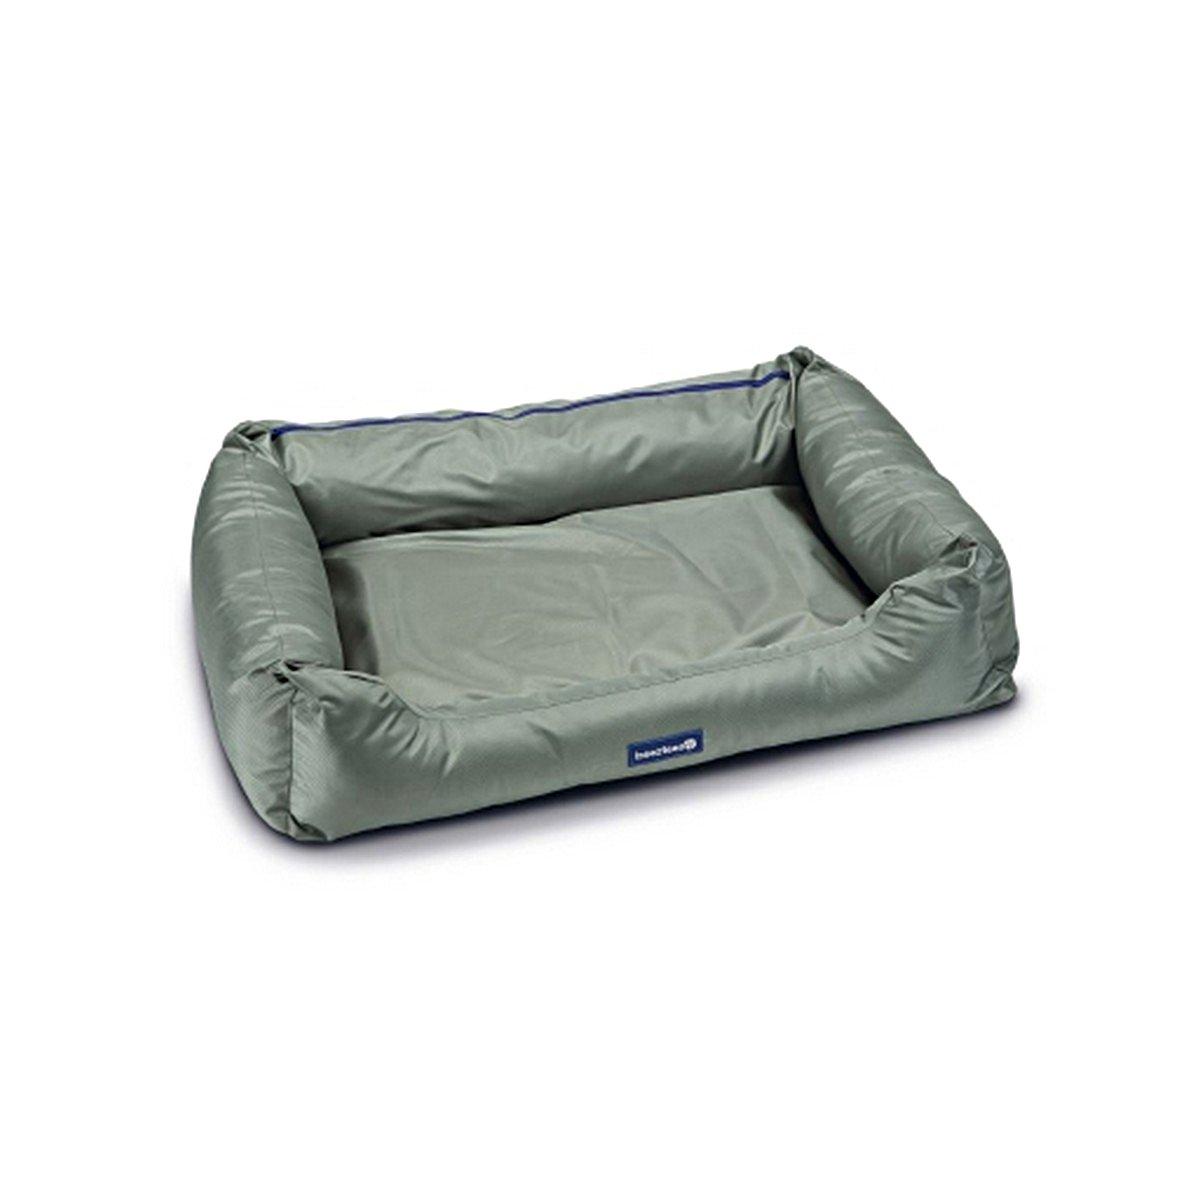 Imagem de Beeztees Bed Cordax Nylon Grey 100x70x25cm